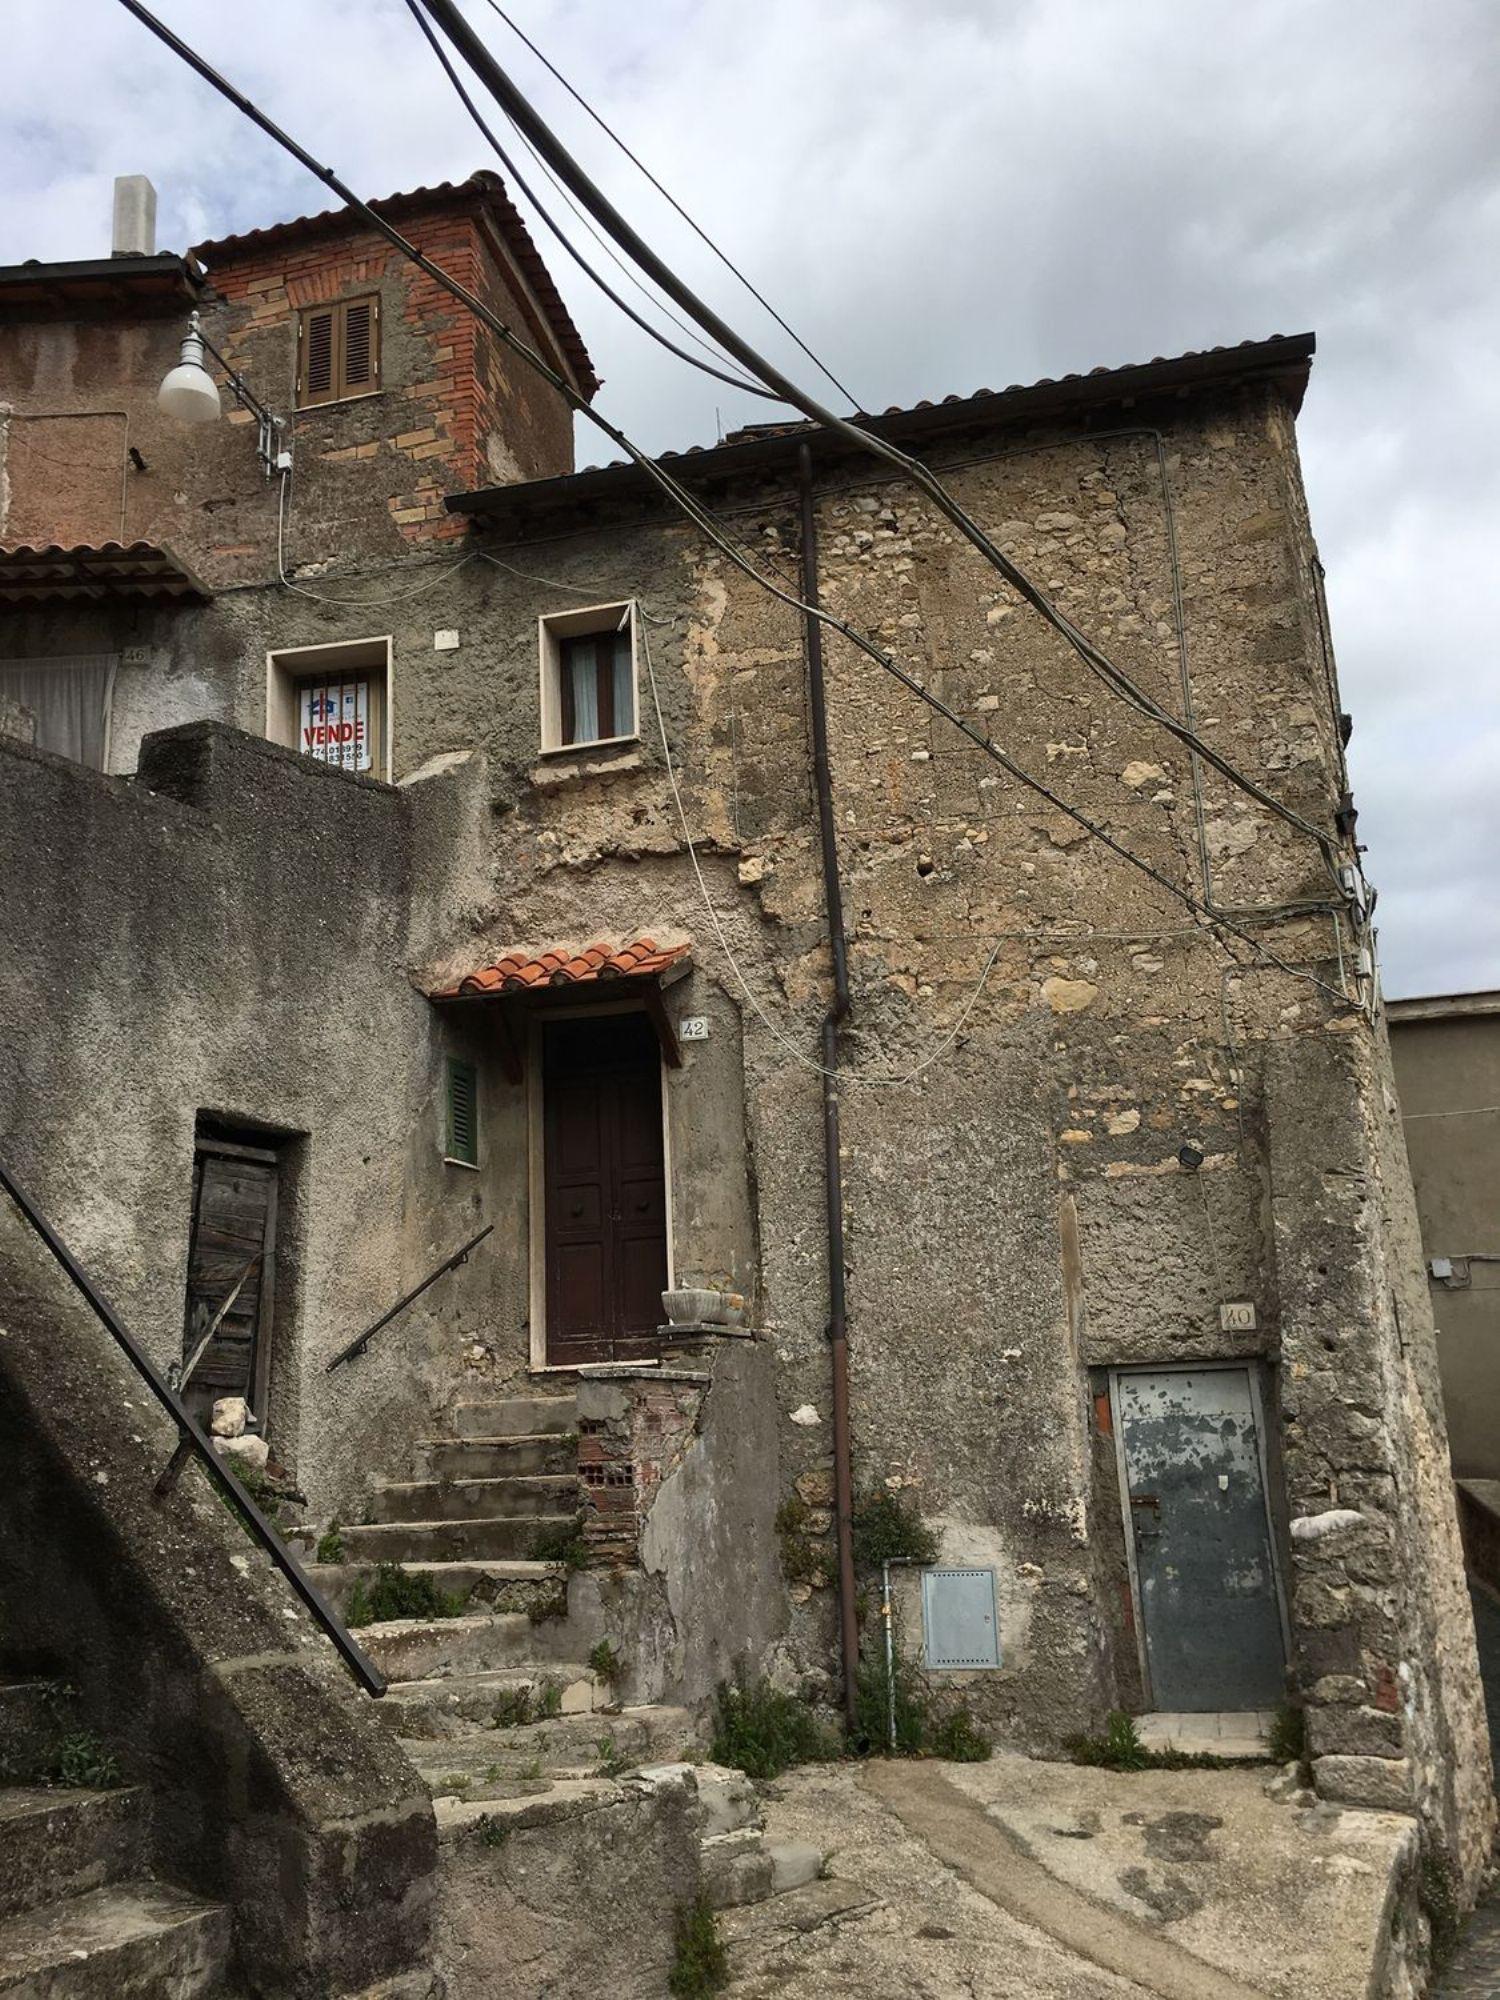 Appartamento in vendita a Subiaco, 3 locali, prezzo € 18.000 | CambioCasa.it